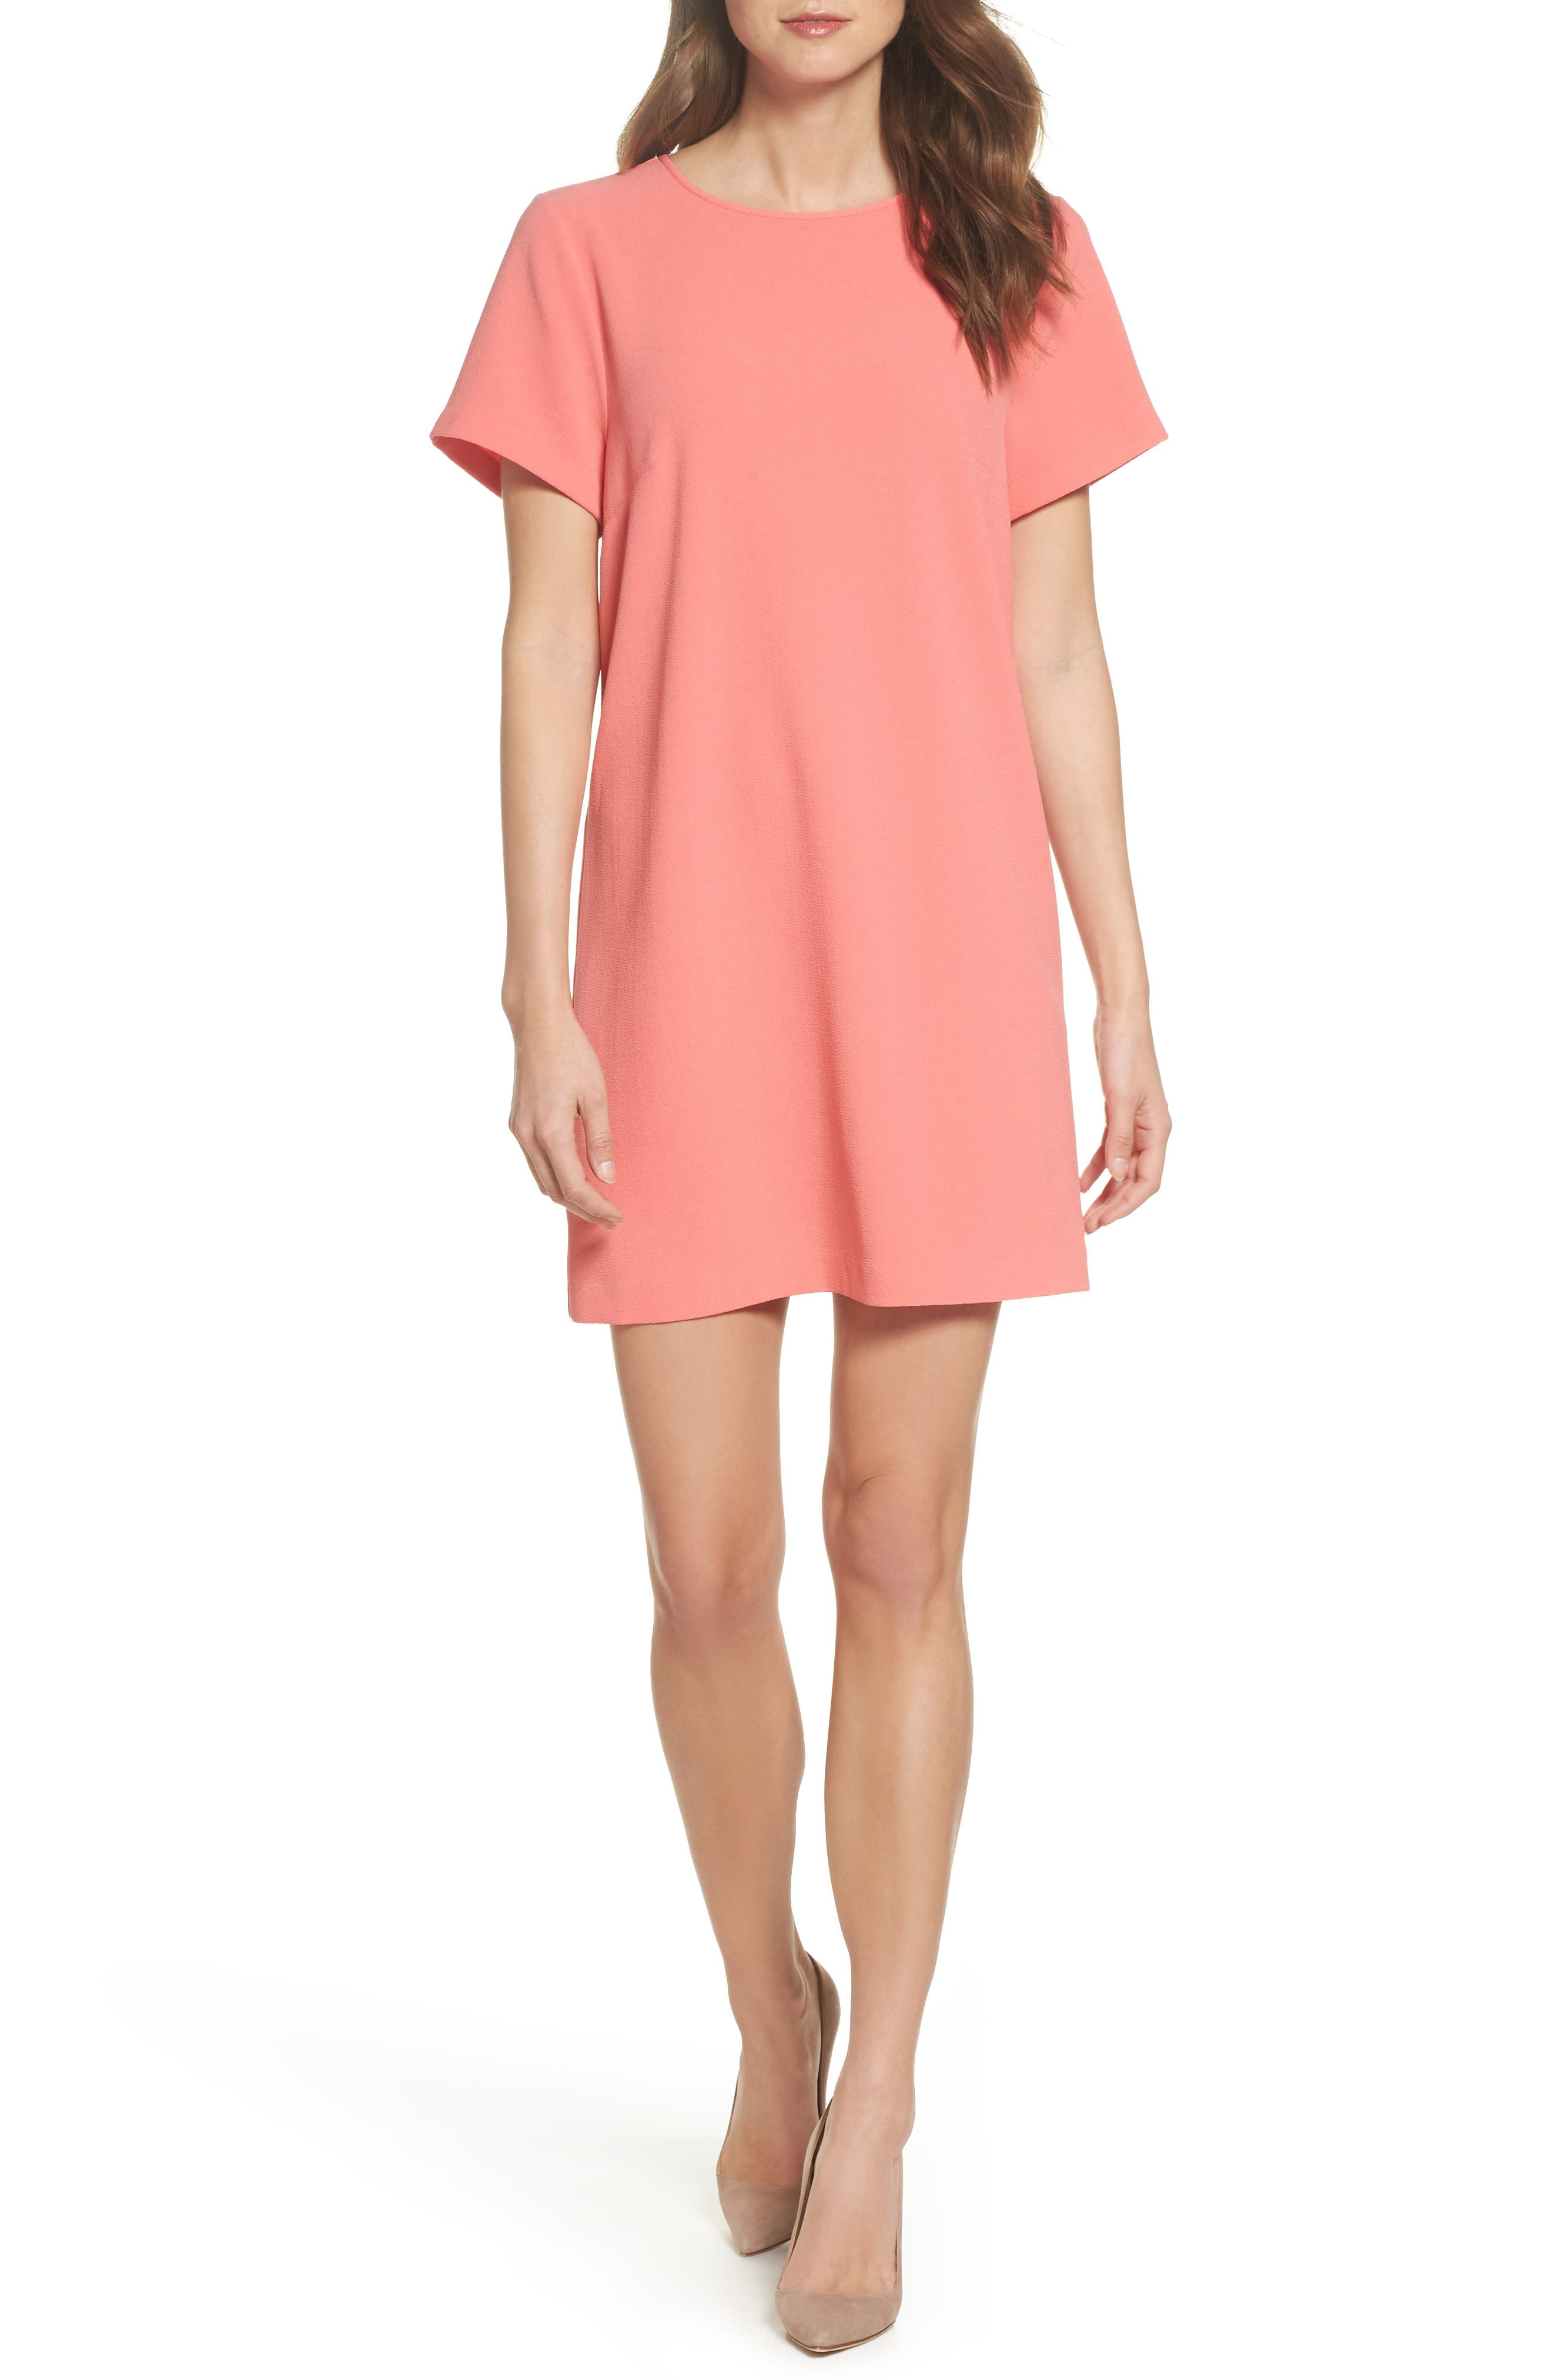 Devery Crepe Shift Dress,                             Main thumbnail 1, color,                             Sugar Coral